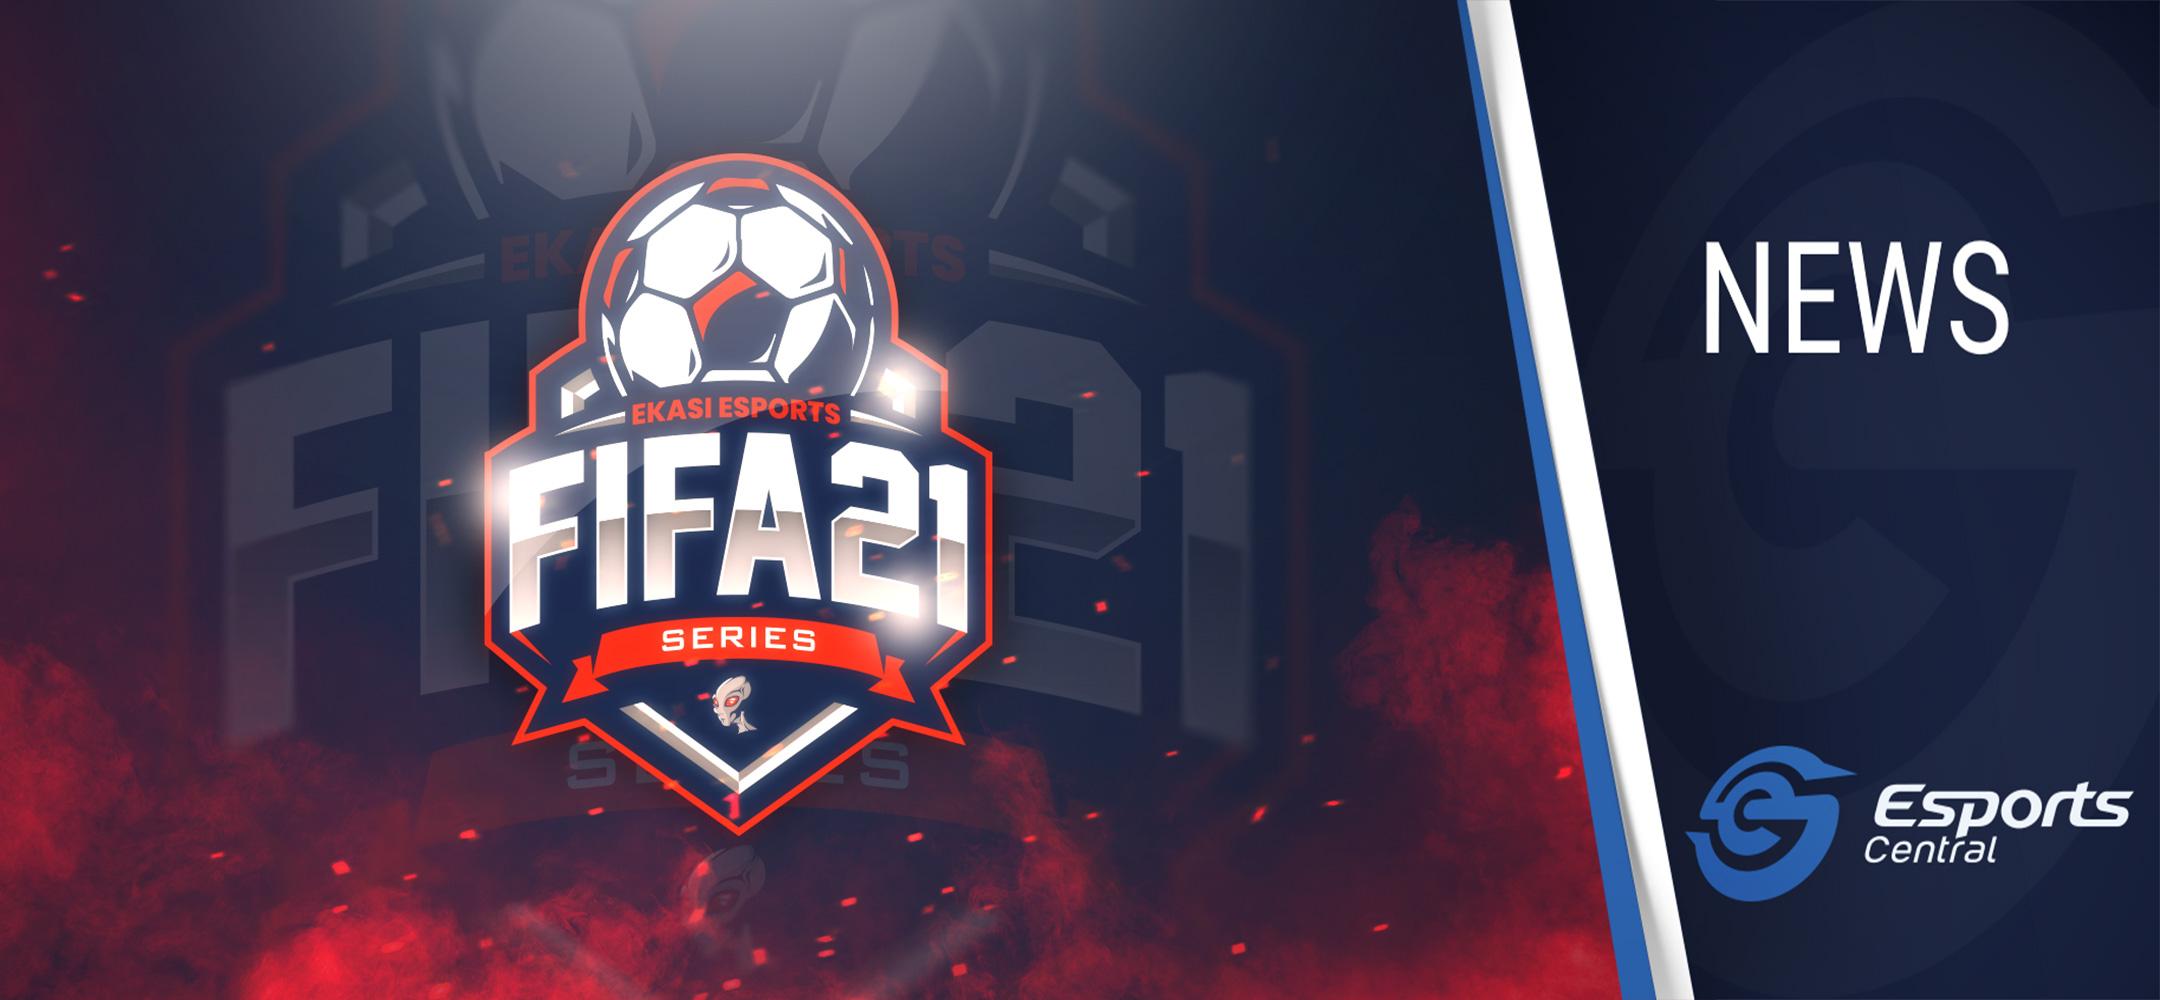 Ekasi esports FIFA21